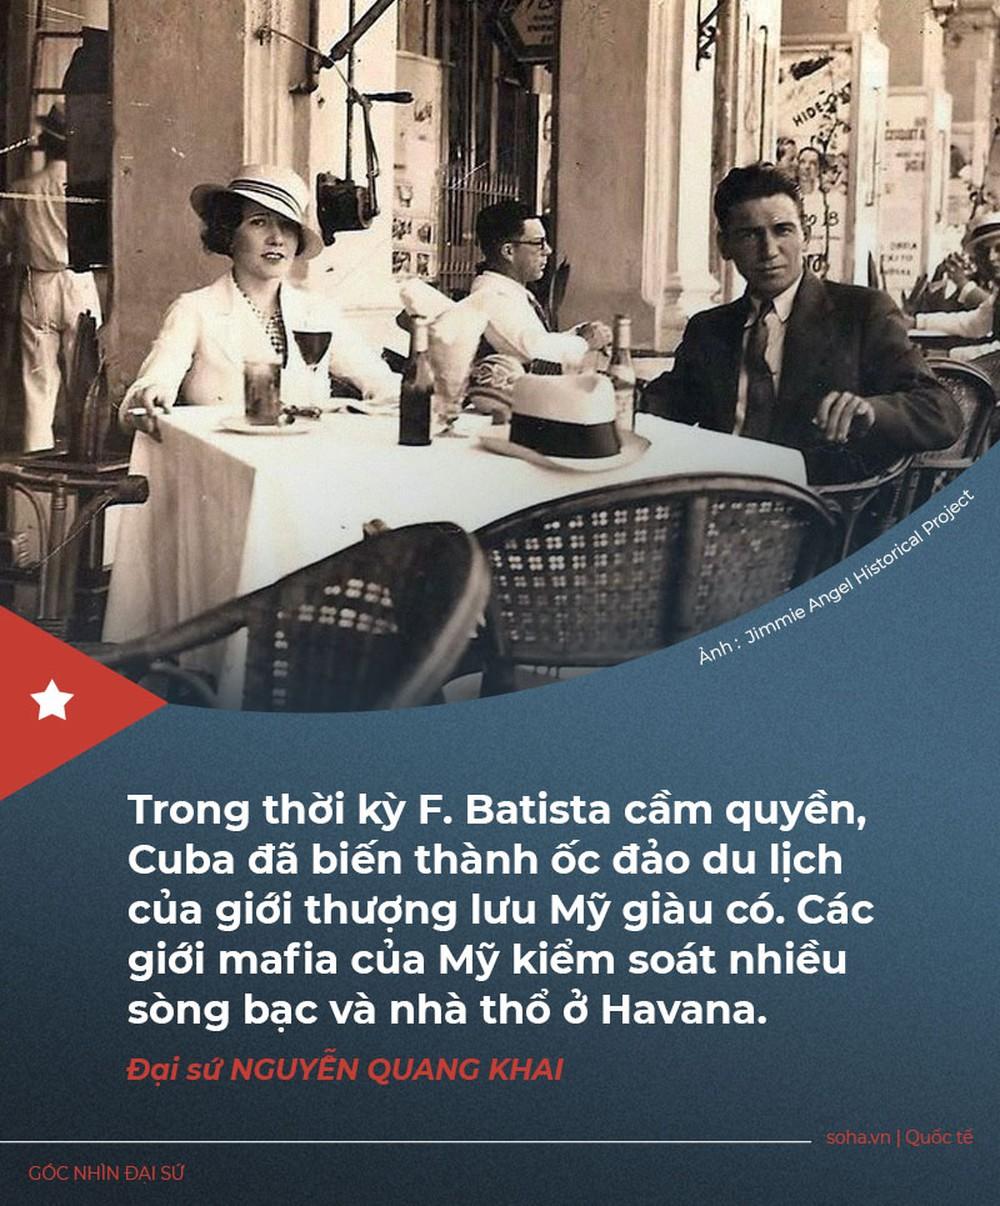 Mỹ-Cuba: Cuộc bao vây cấm vận khốc liệt nhất lịch sử hiện đại và thiệt hại nghìn tỷ đô của Hòn đảo Tự do - Ảnh 1.